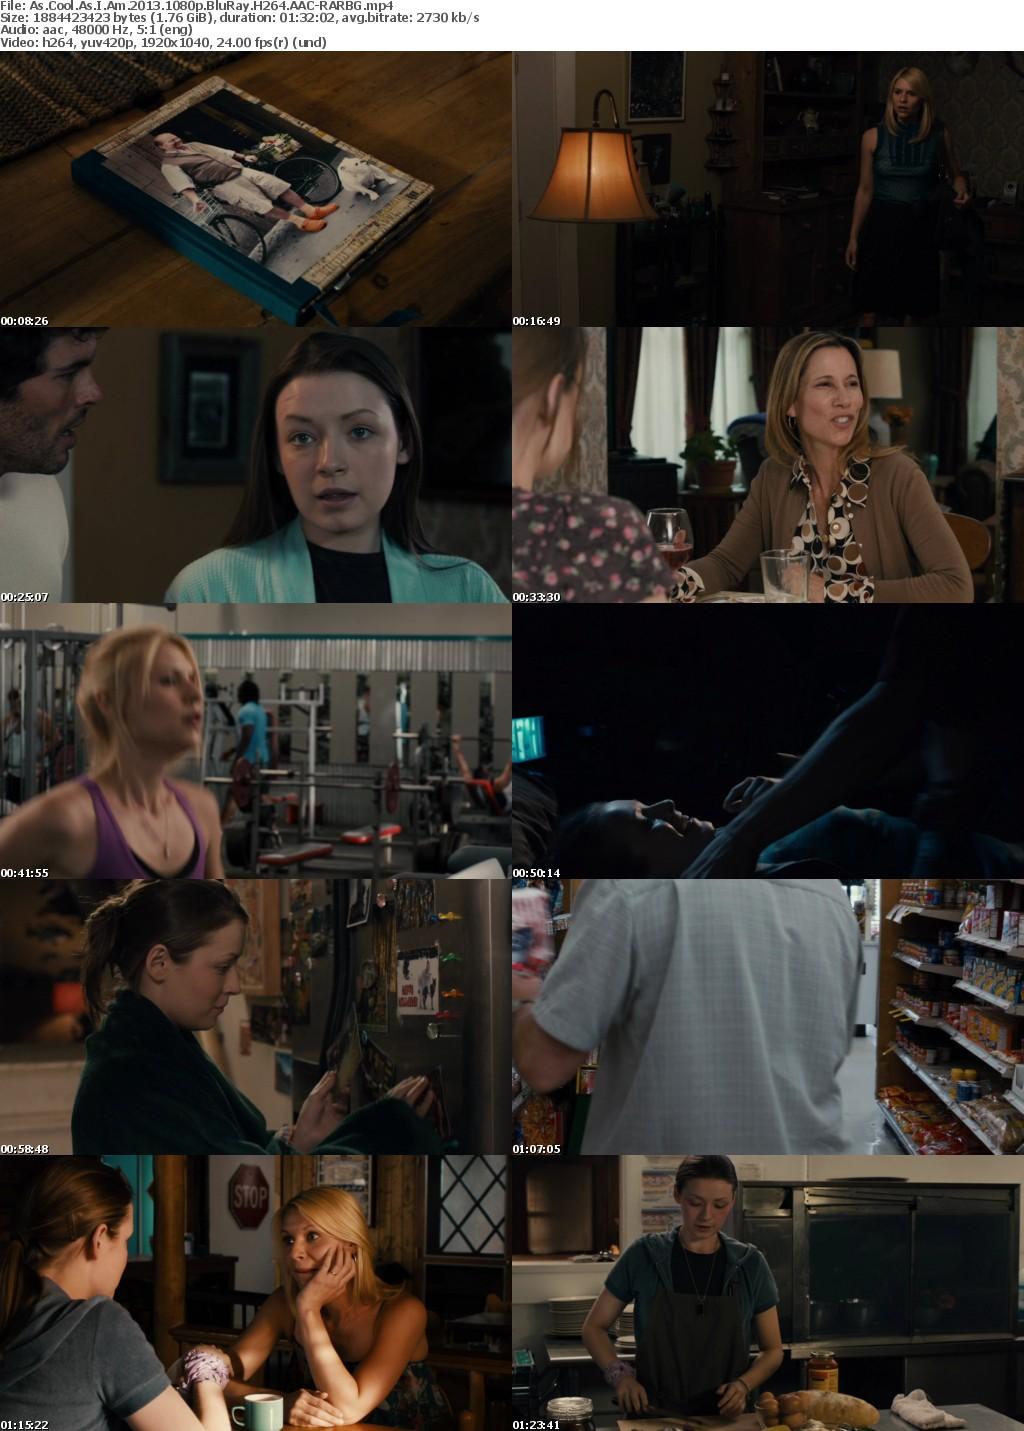 As Cool As I Am (2013) 1080p BluRay H264 AAC-RARBG